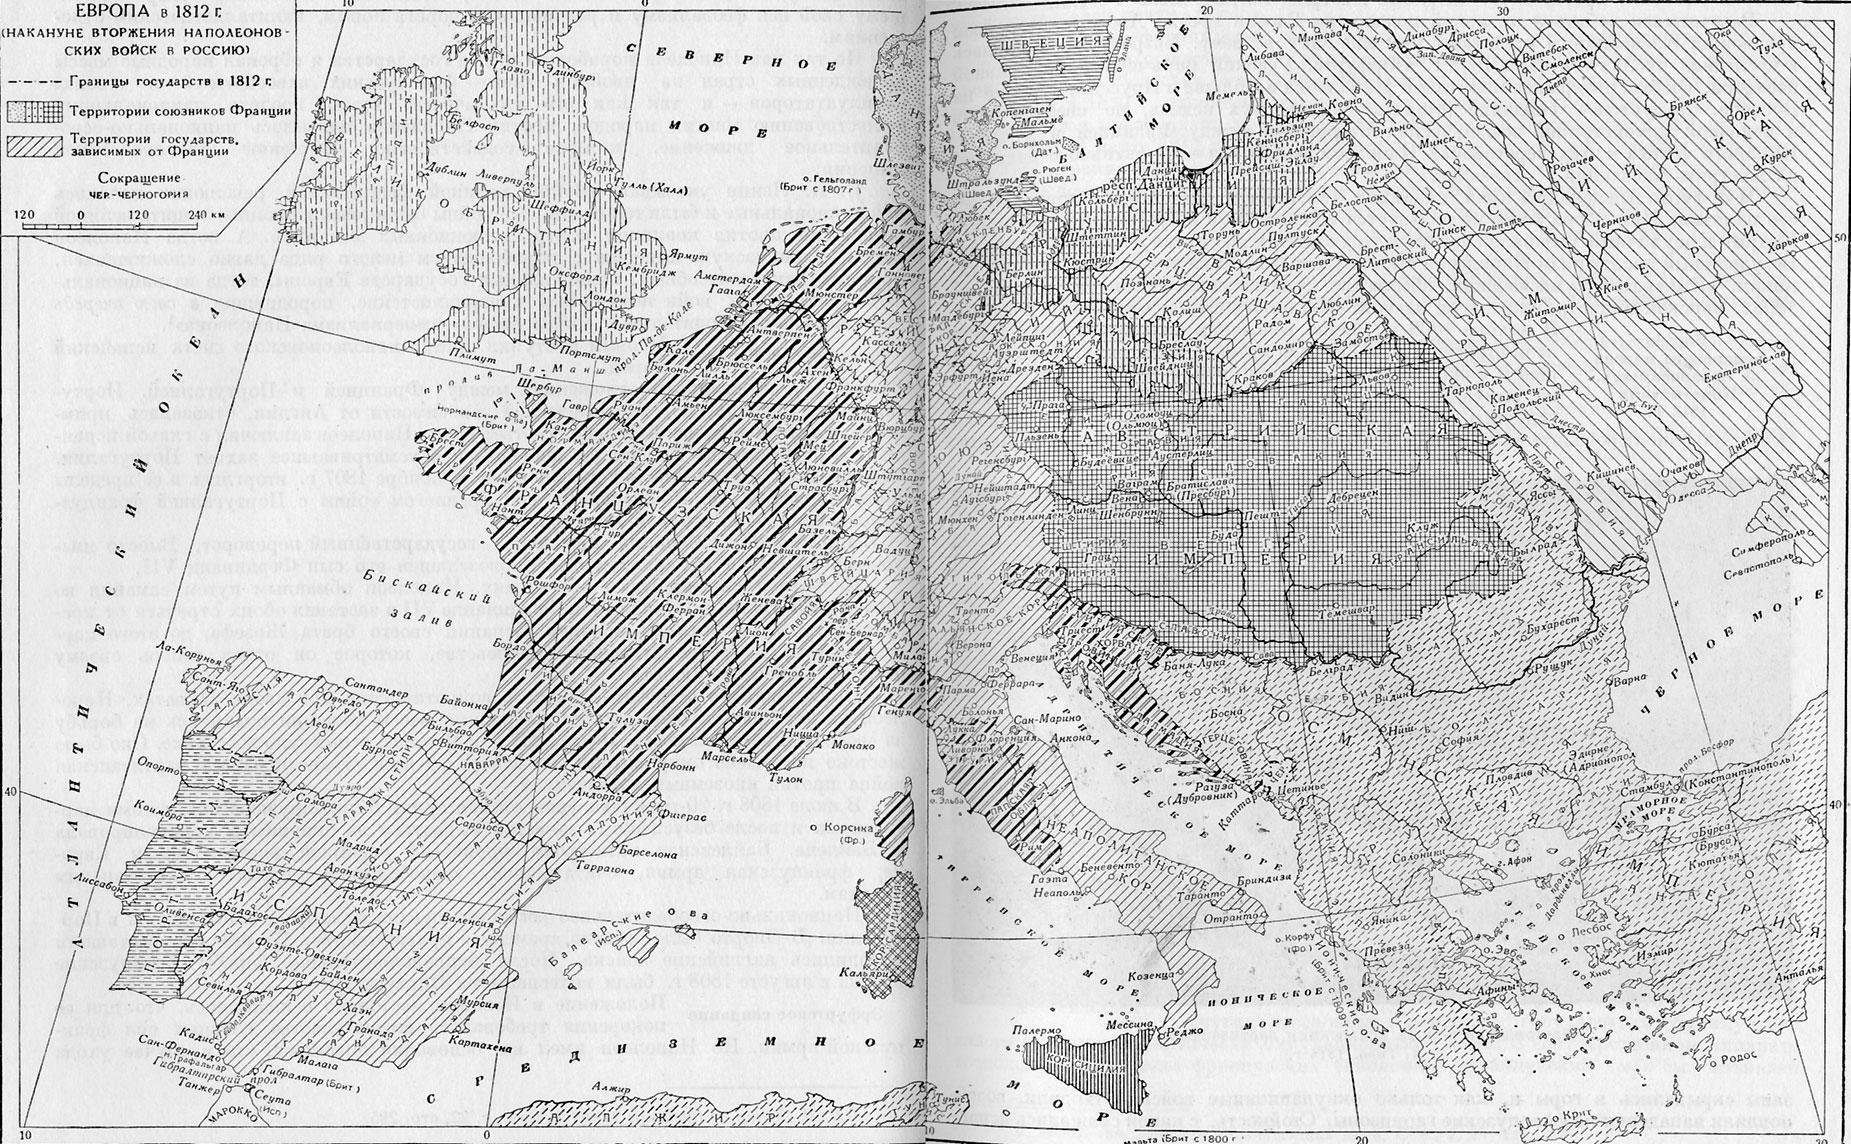 Карта европа в 1812 г